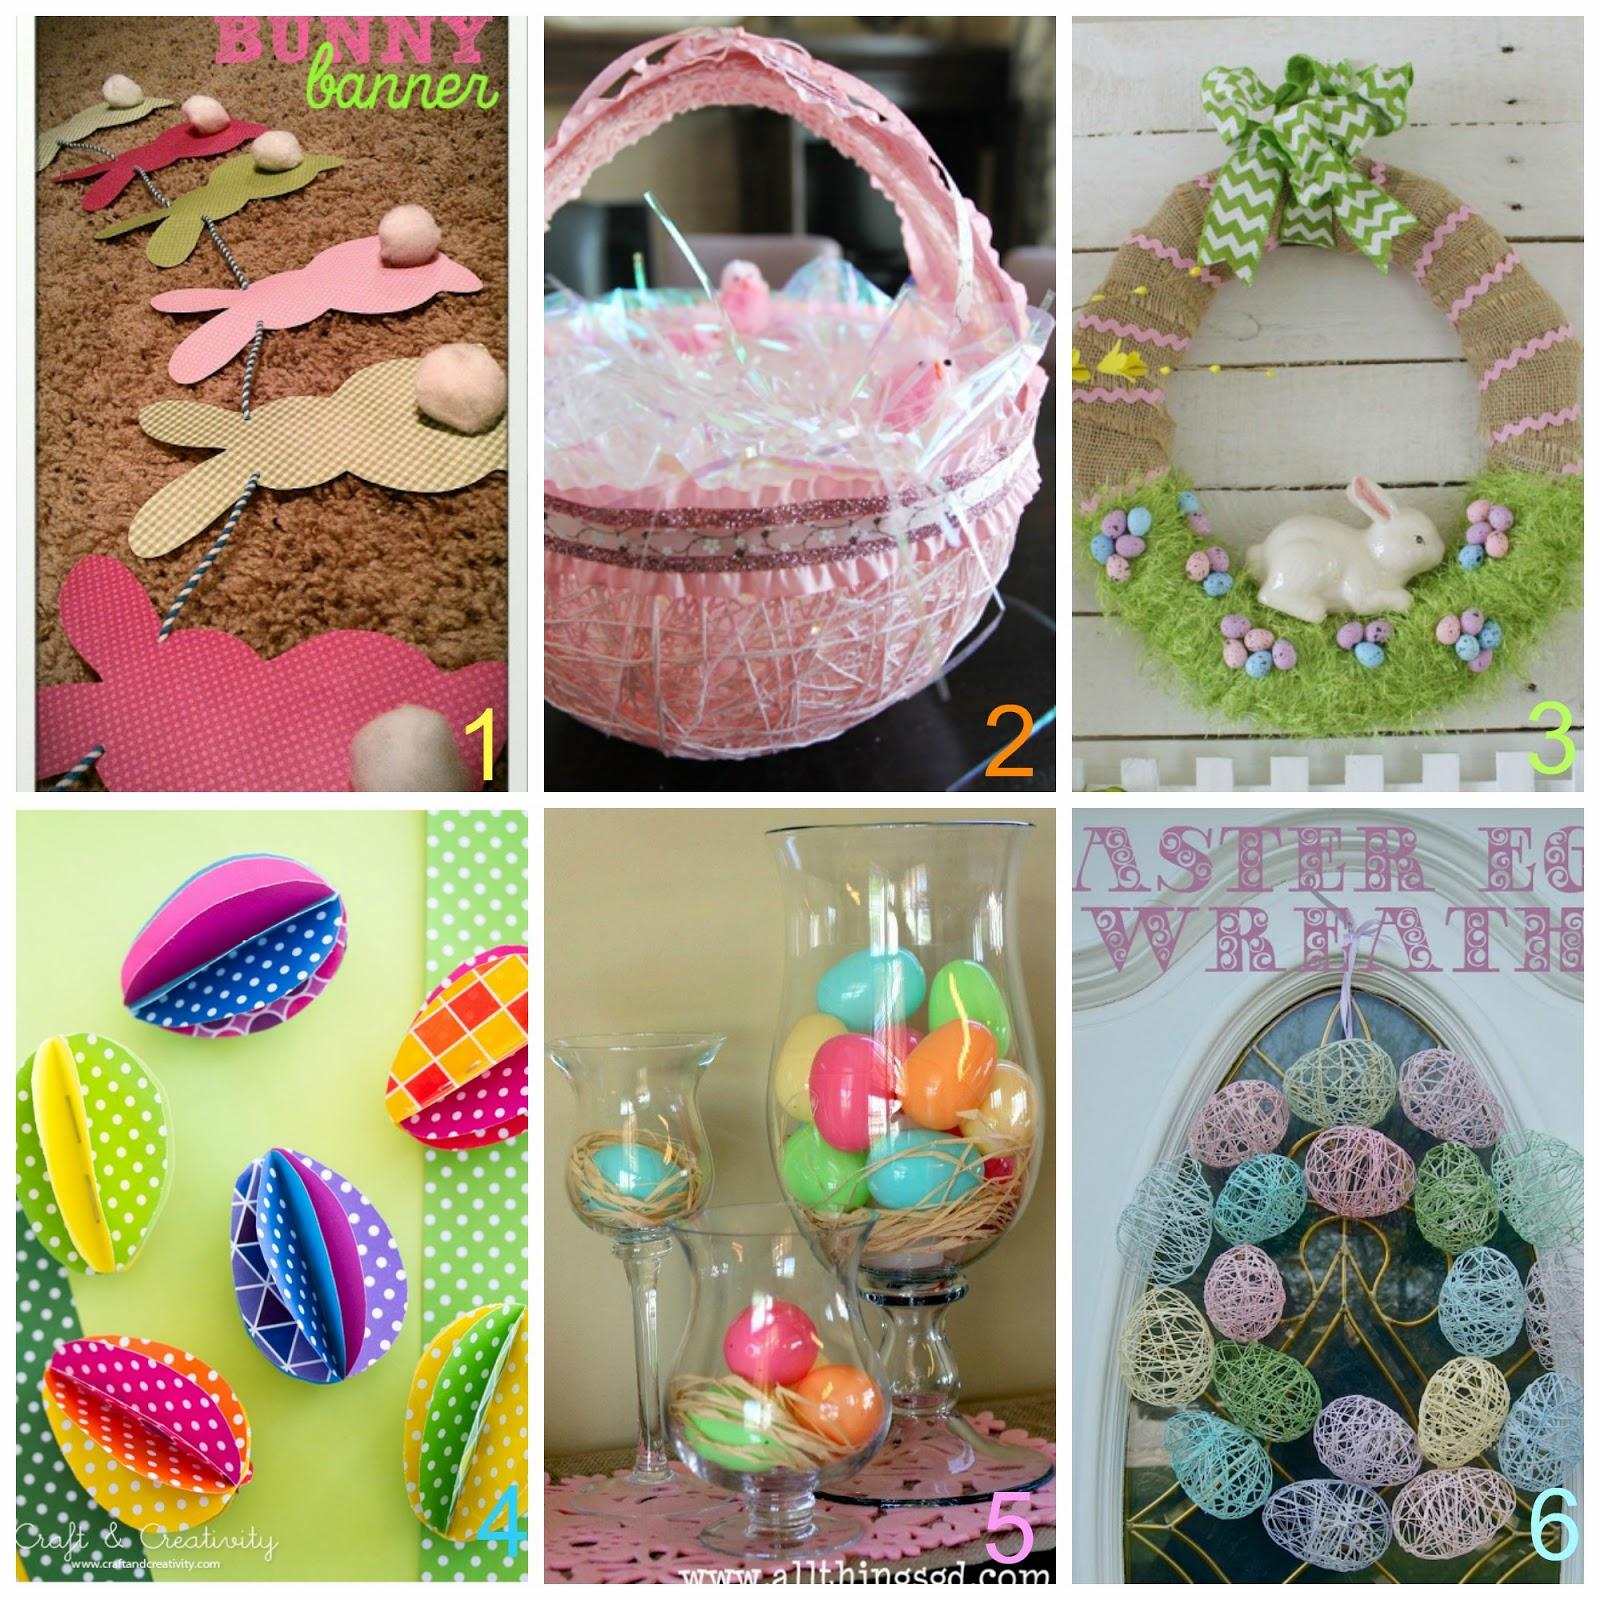 Buongiorno, mancano pochi giorni a Pasqua, una Festa amatissima da grandi e  piccini, la più colorata, che ci accompagna a dare il benvenuto alla  stagione